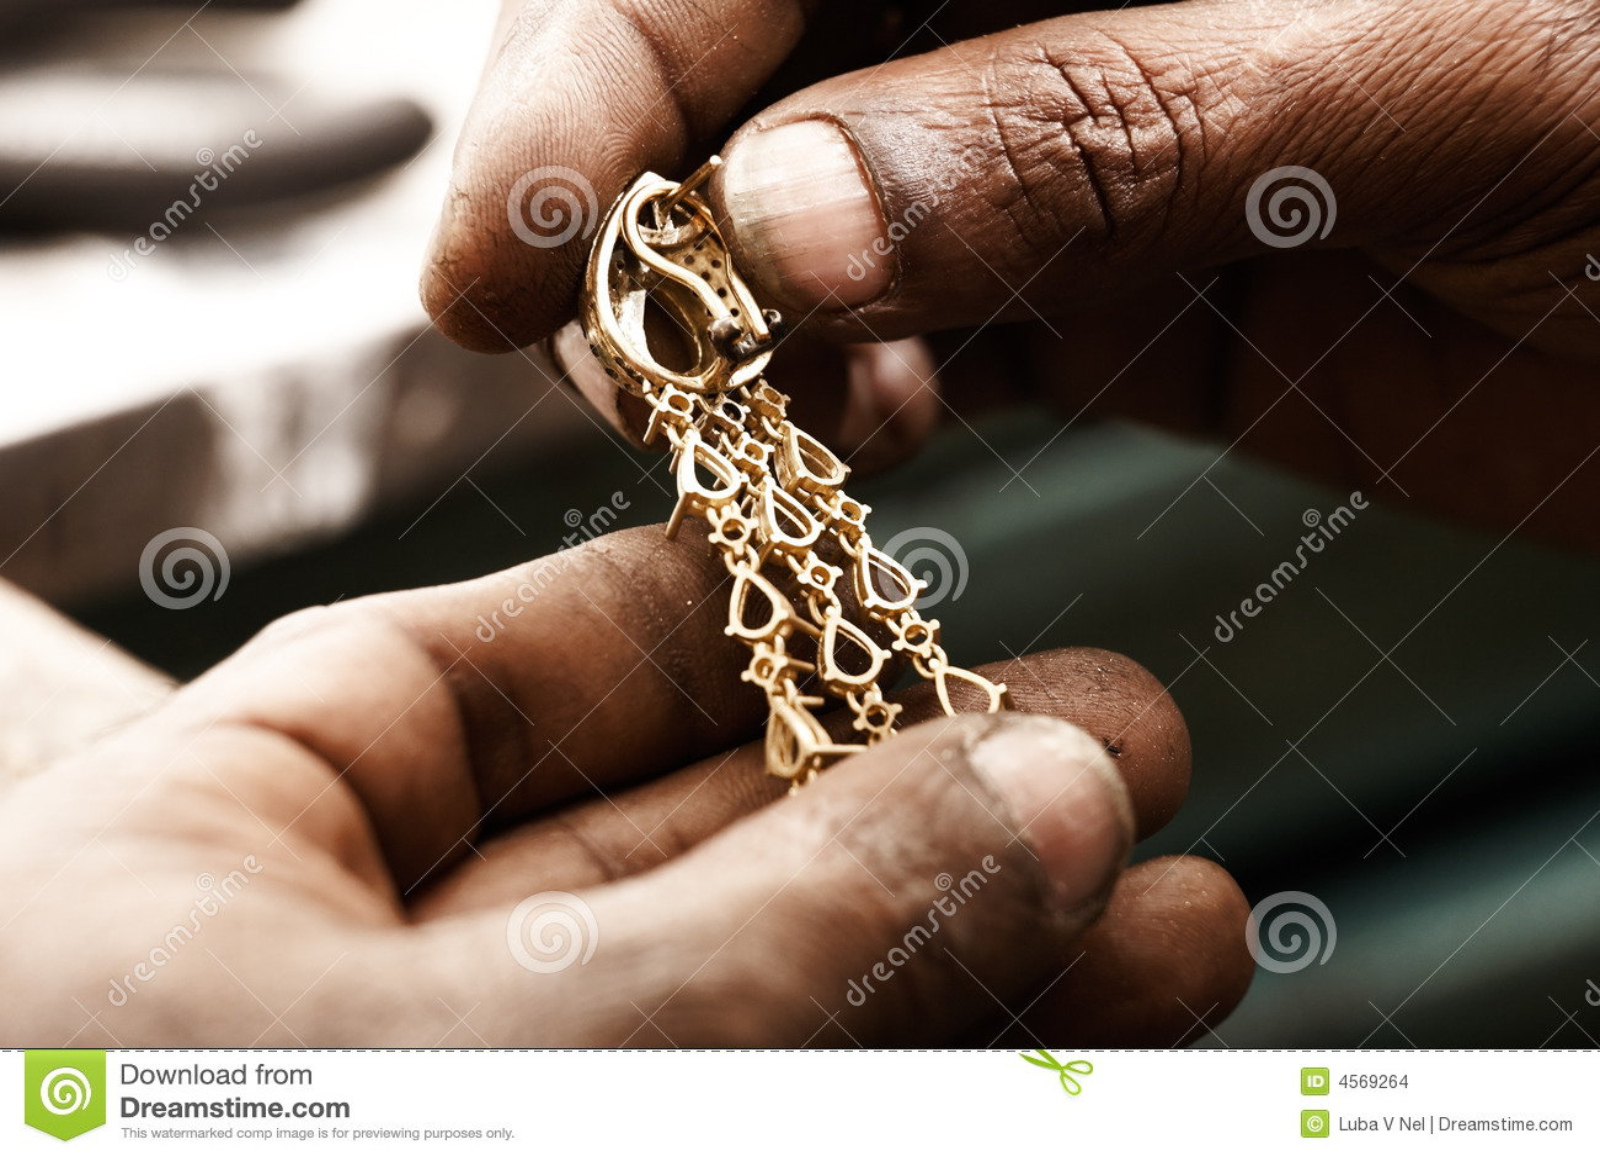 χρυσοχόος σκουλαρικι